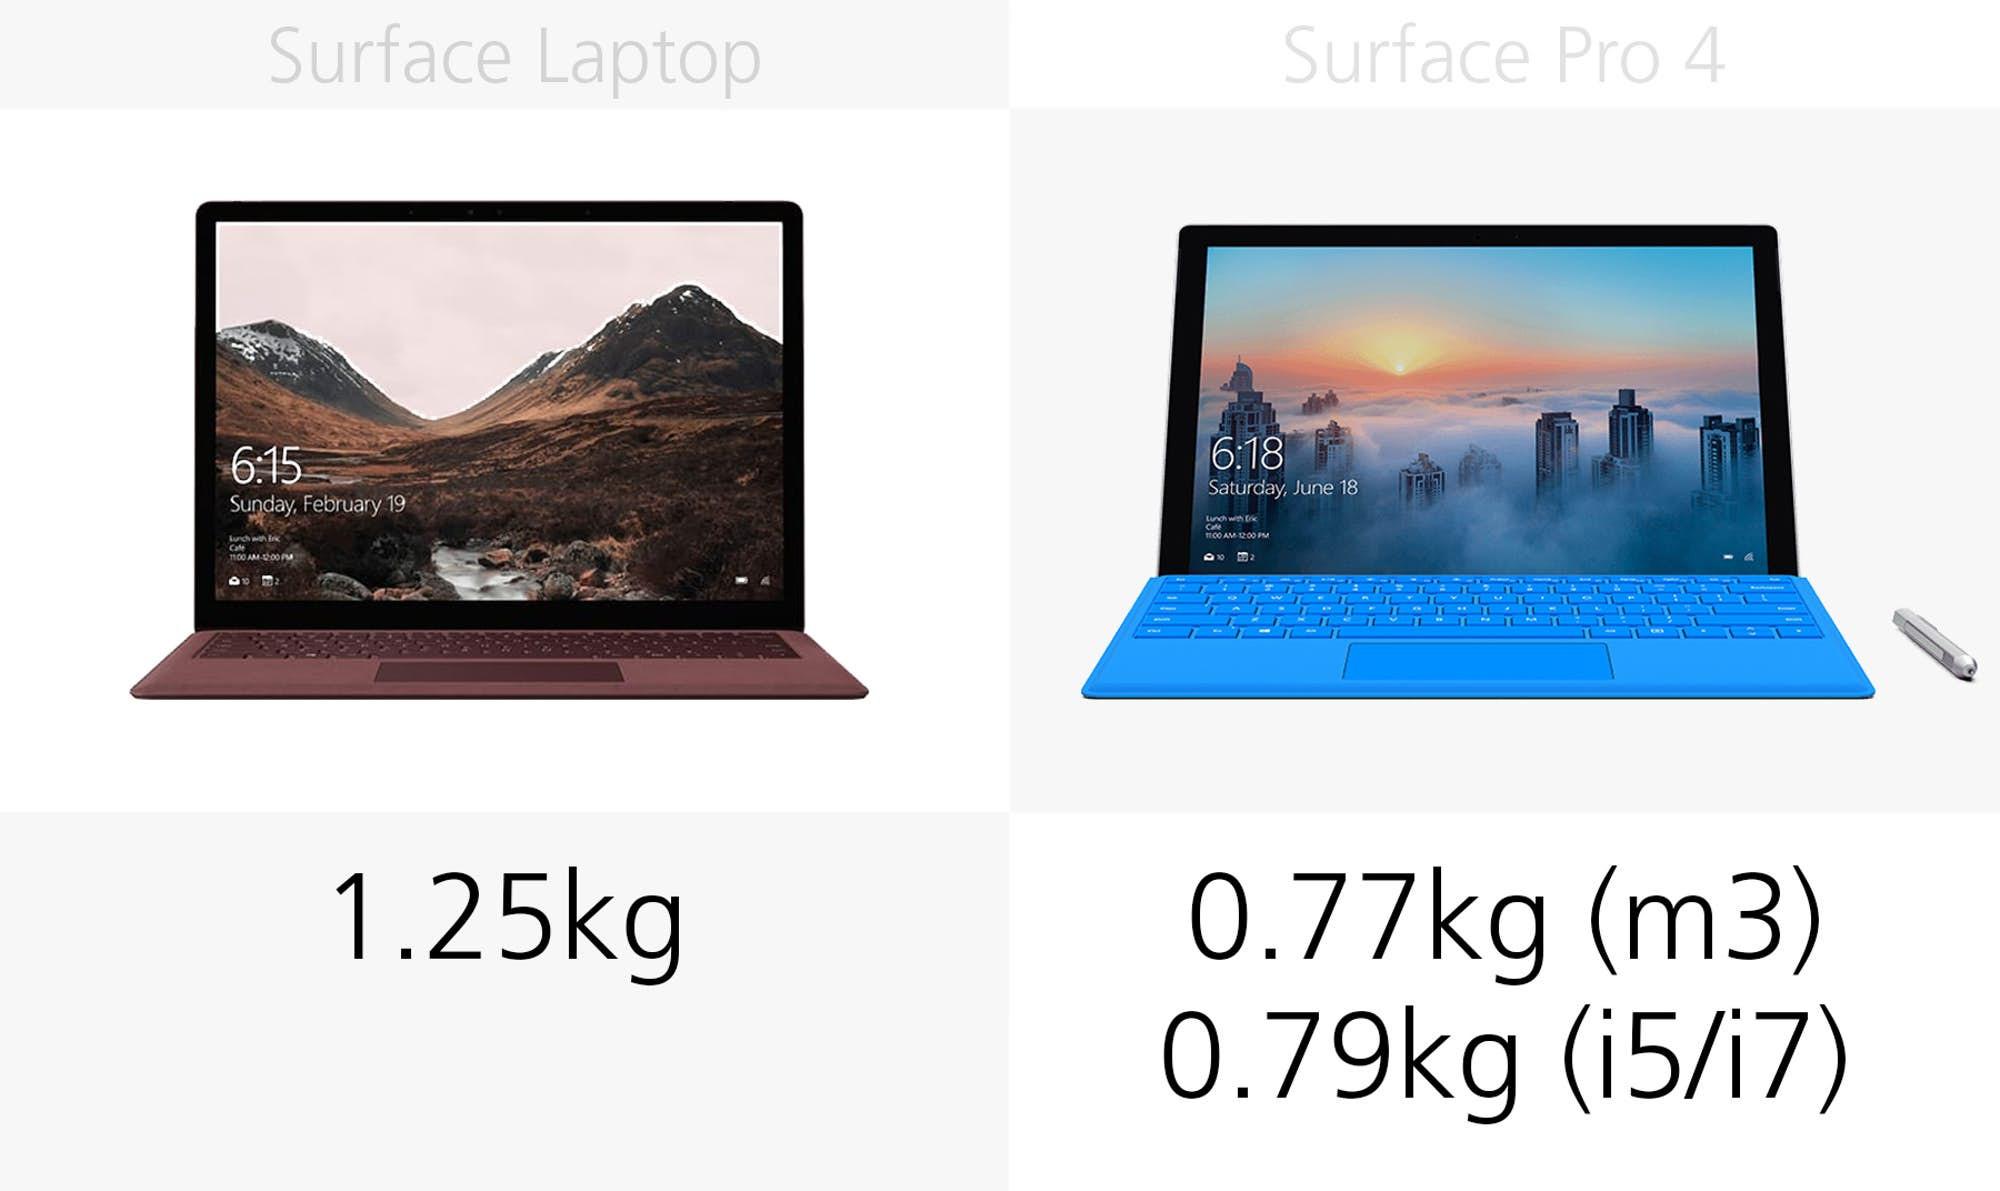 1493969759_microsoft-surface-laptop-vs-surface-pro-4-specs-comparison-26.jpg